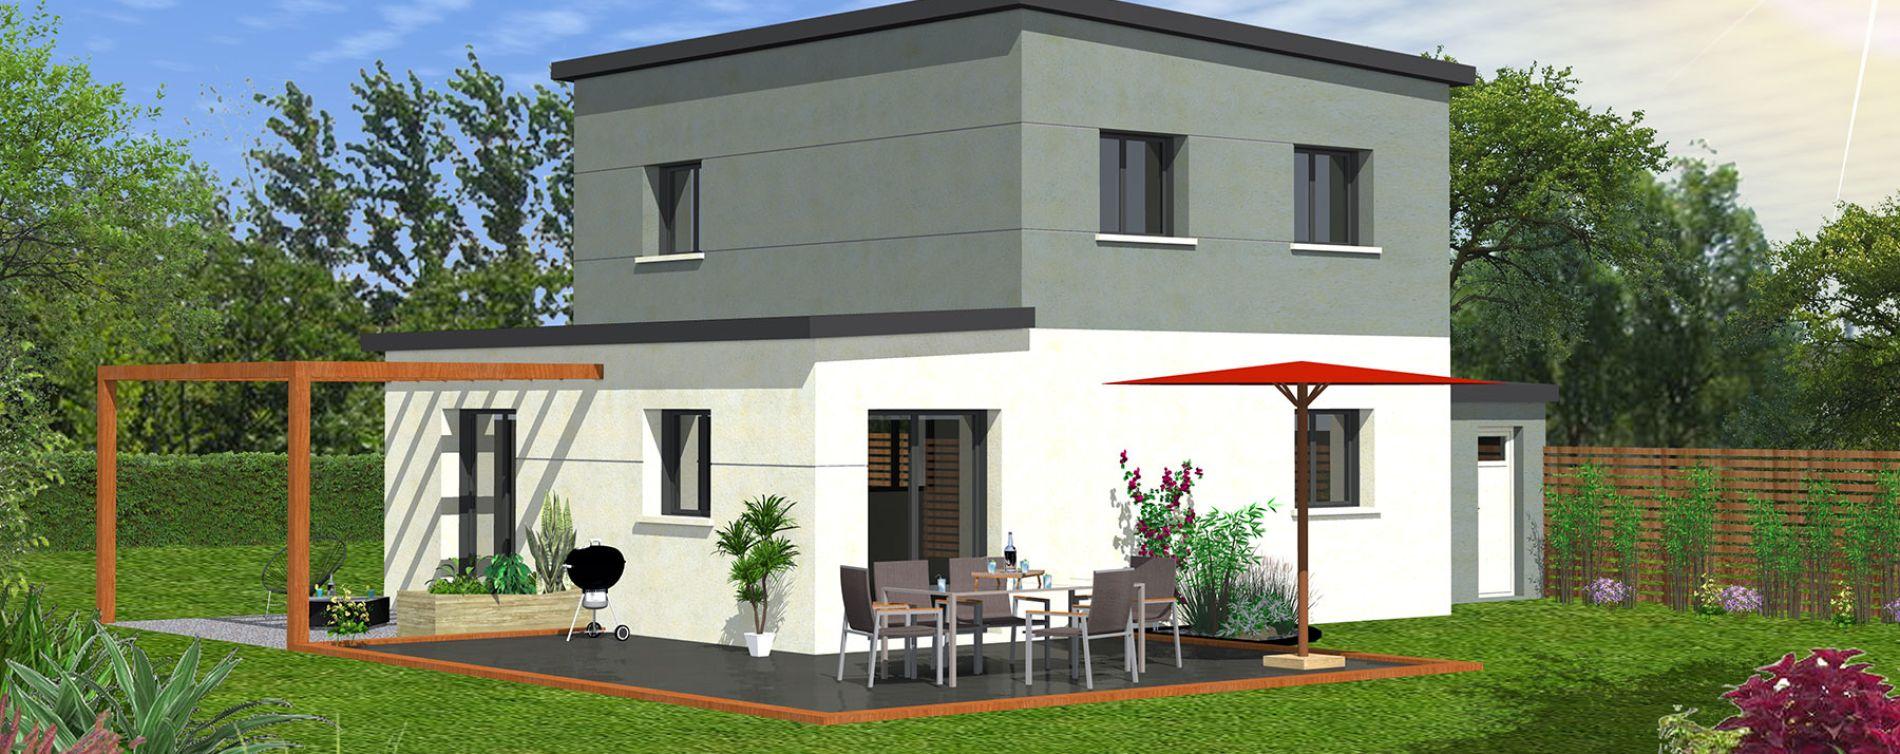 Brélès : programme immobilier neuve « Le Sentier de Bel Air » (5)